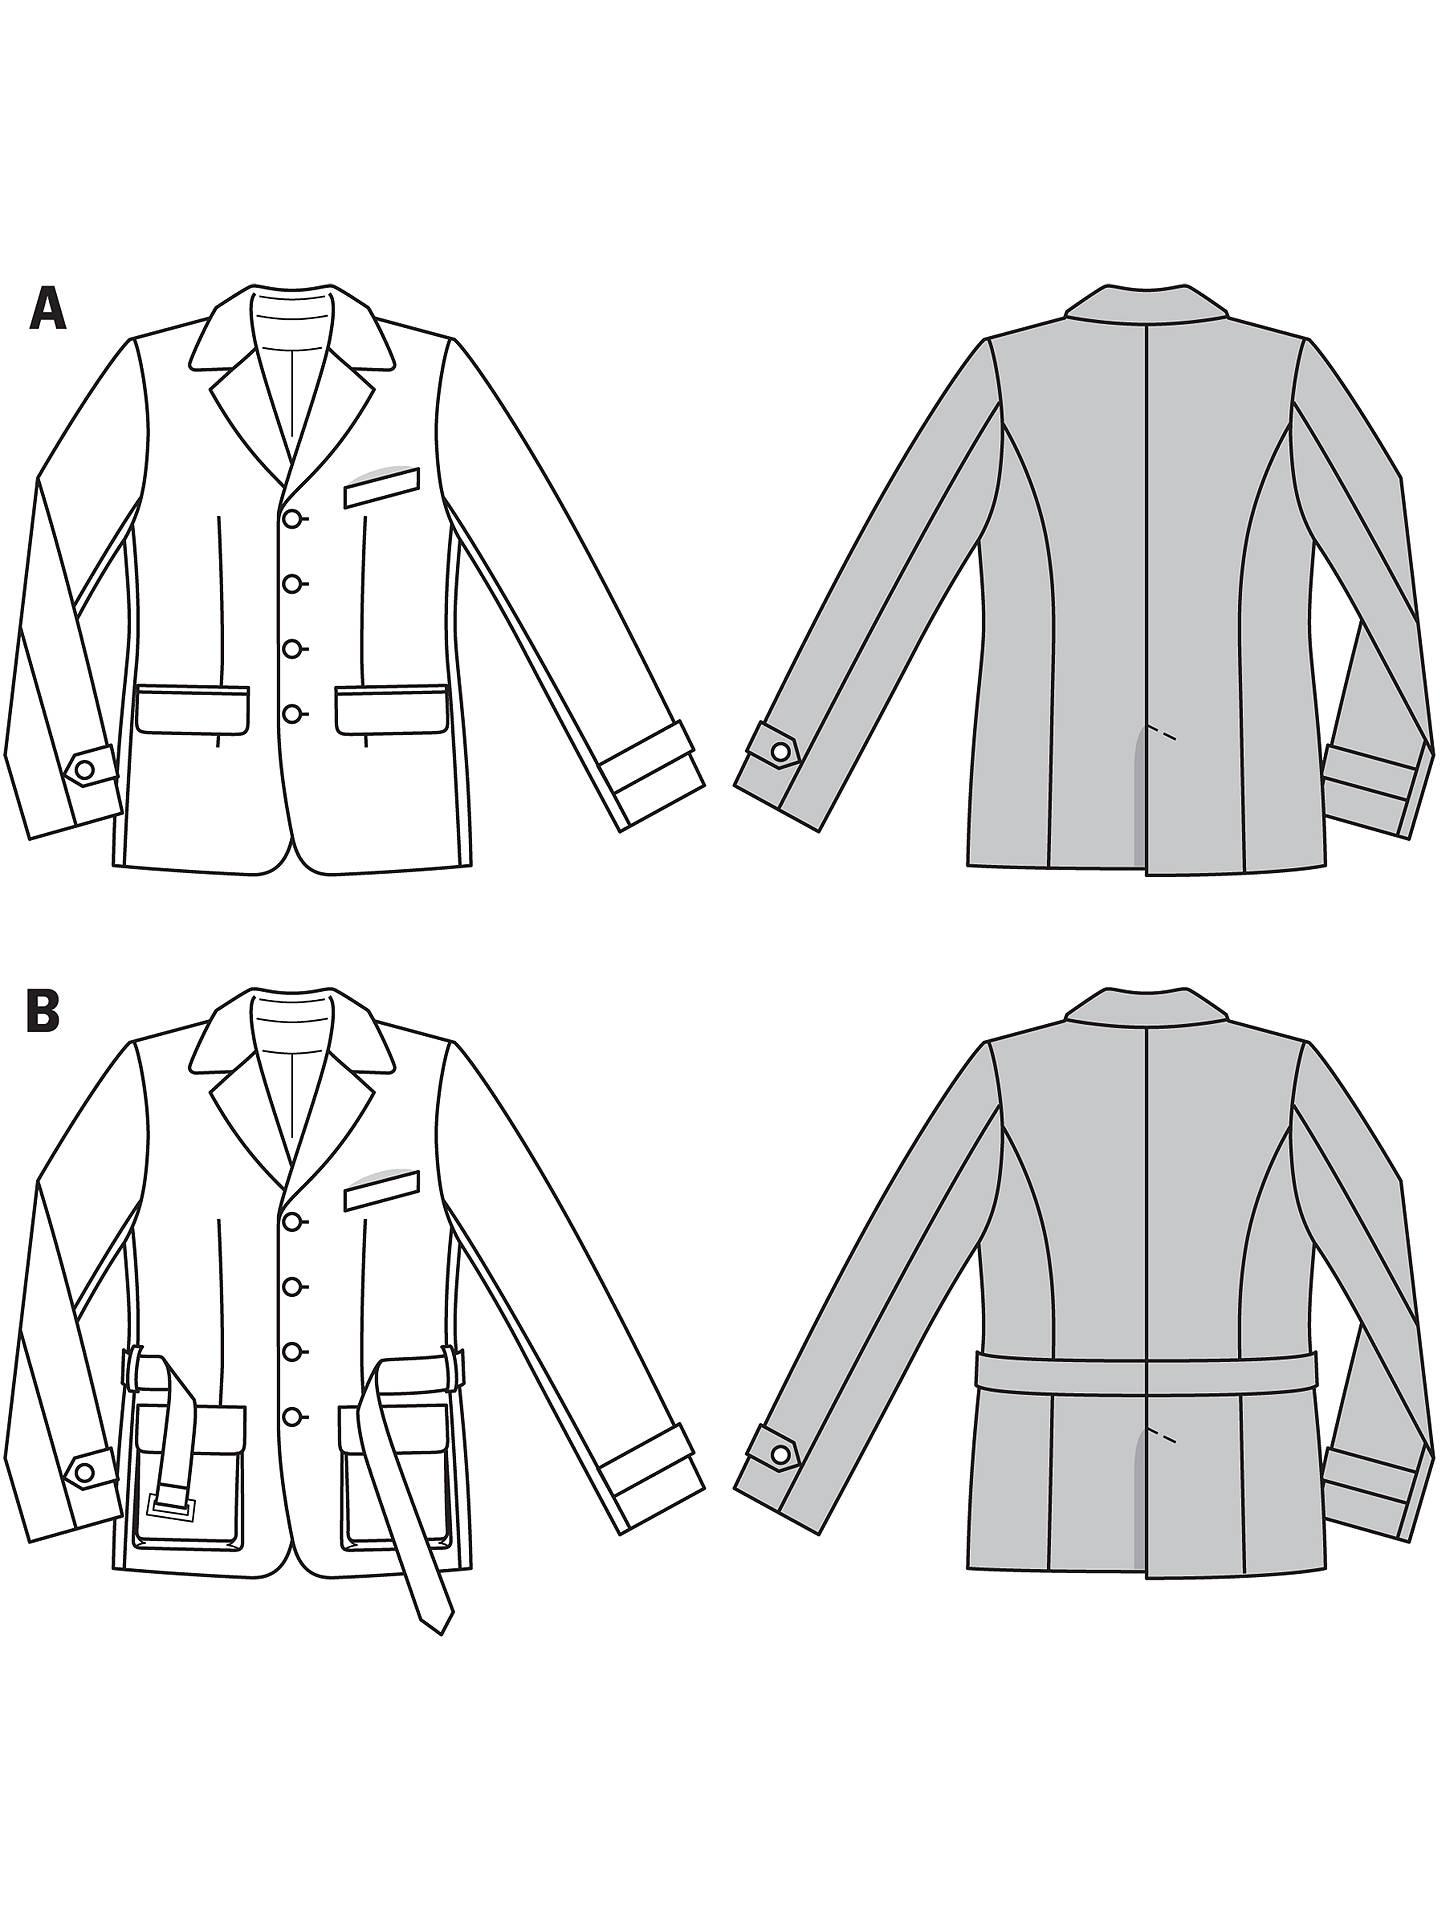 Burda Men\'s Jacket Sewing Pattern, 6993 at John Lewis & Partners